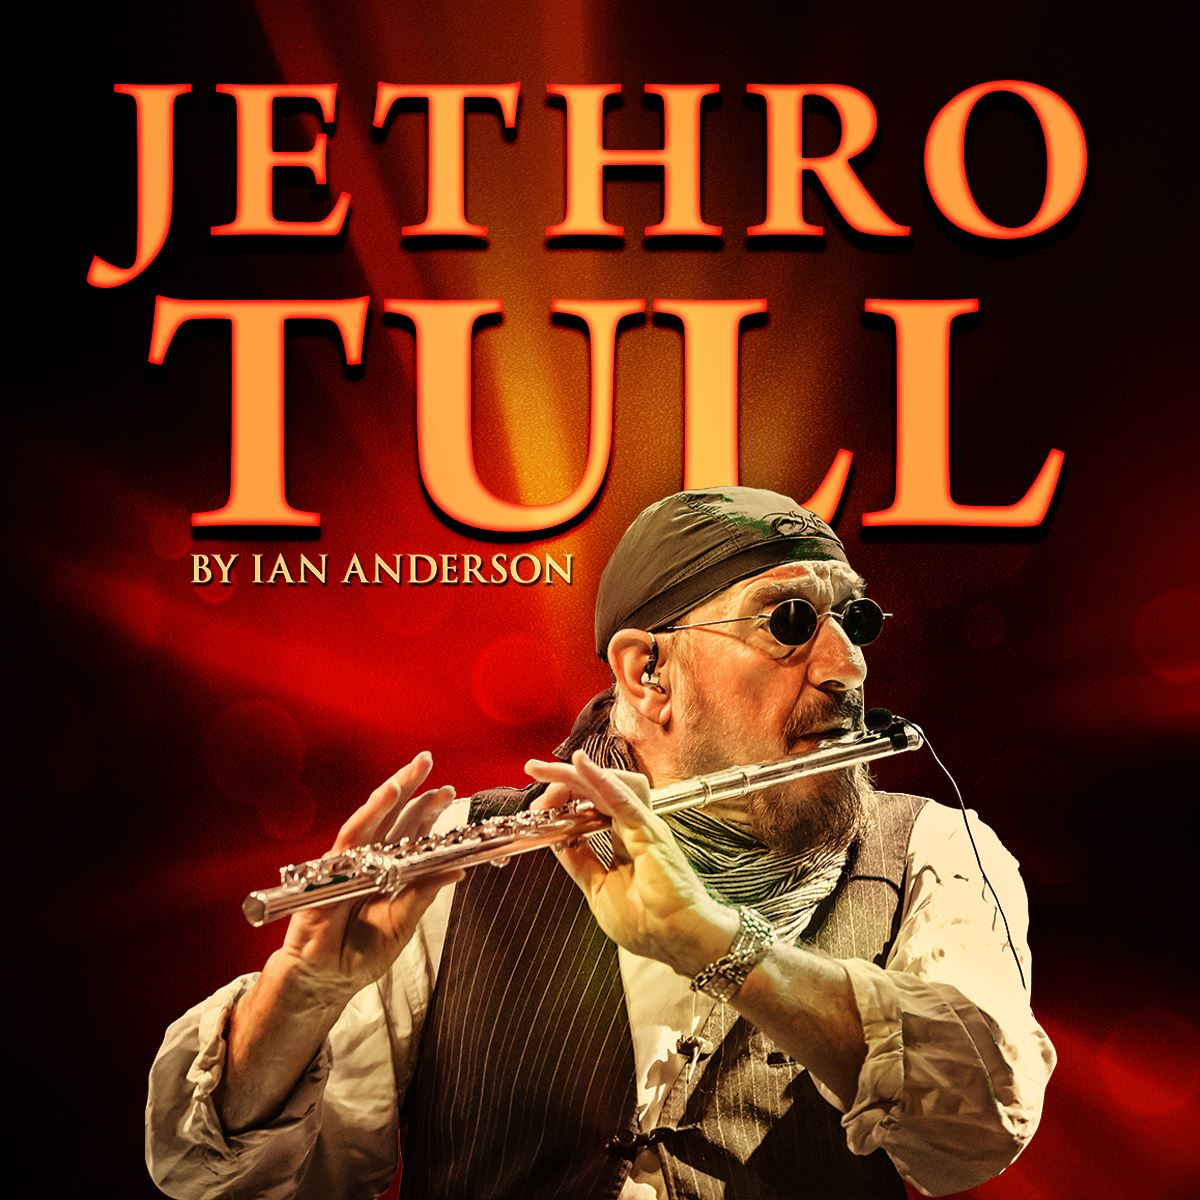 Jethro Tull Tour Reviews